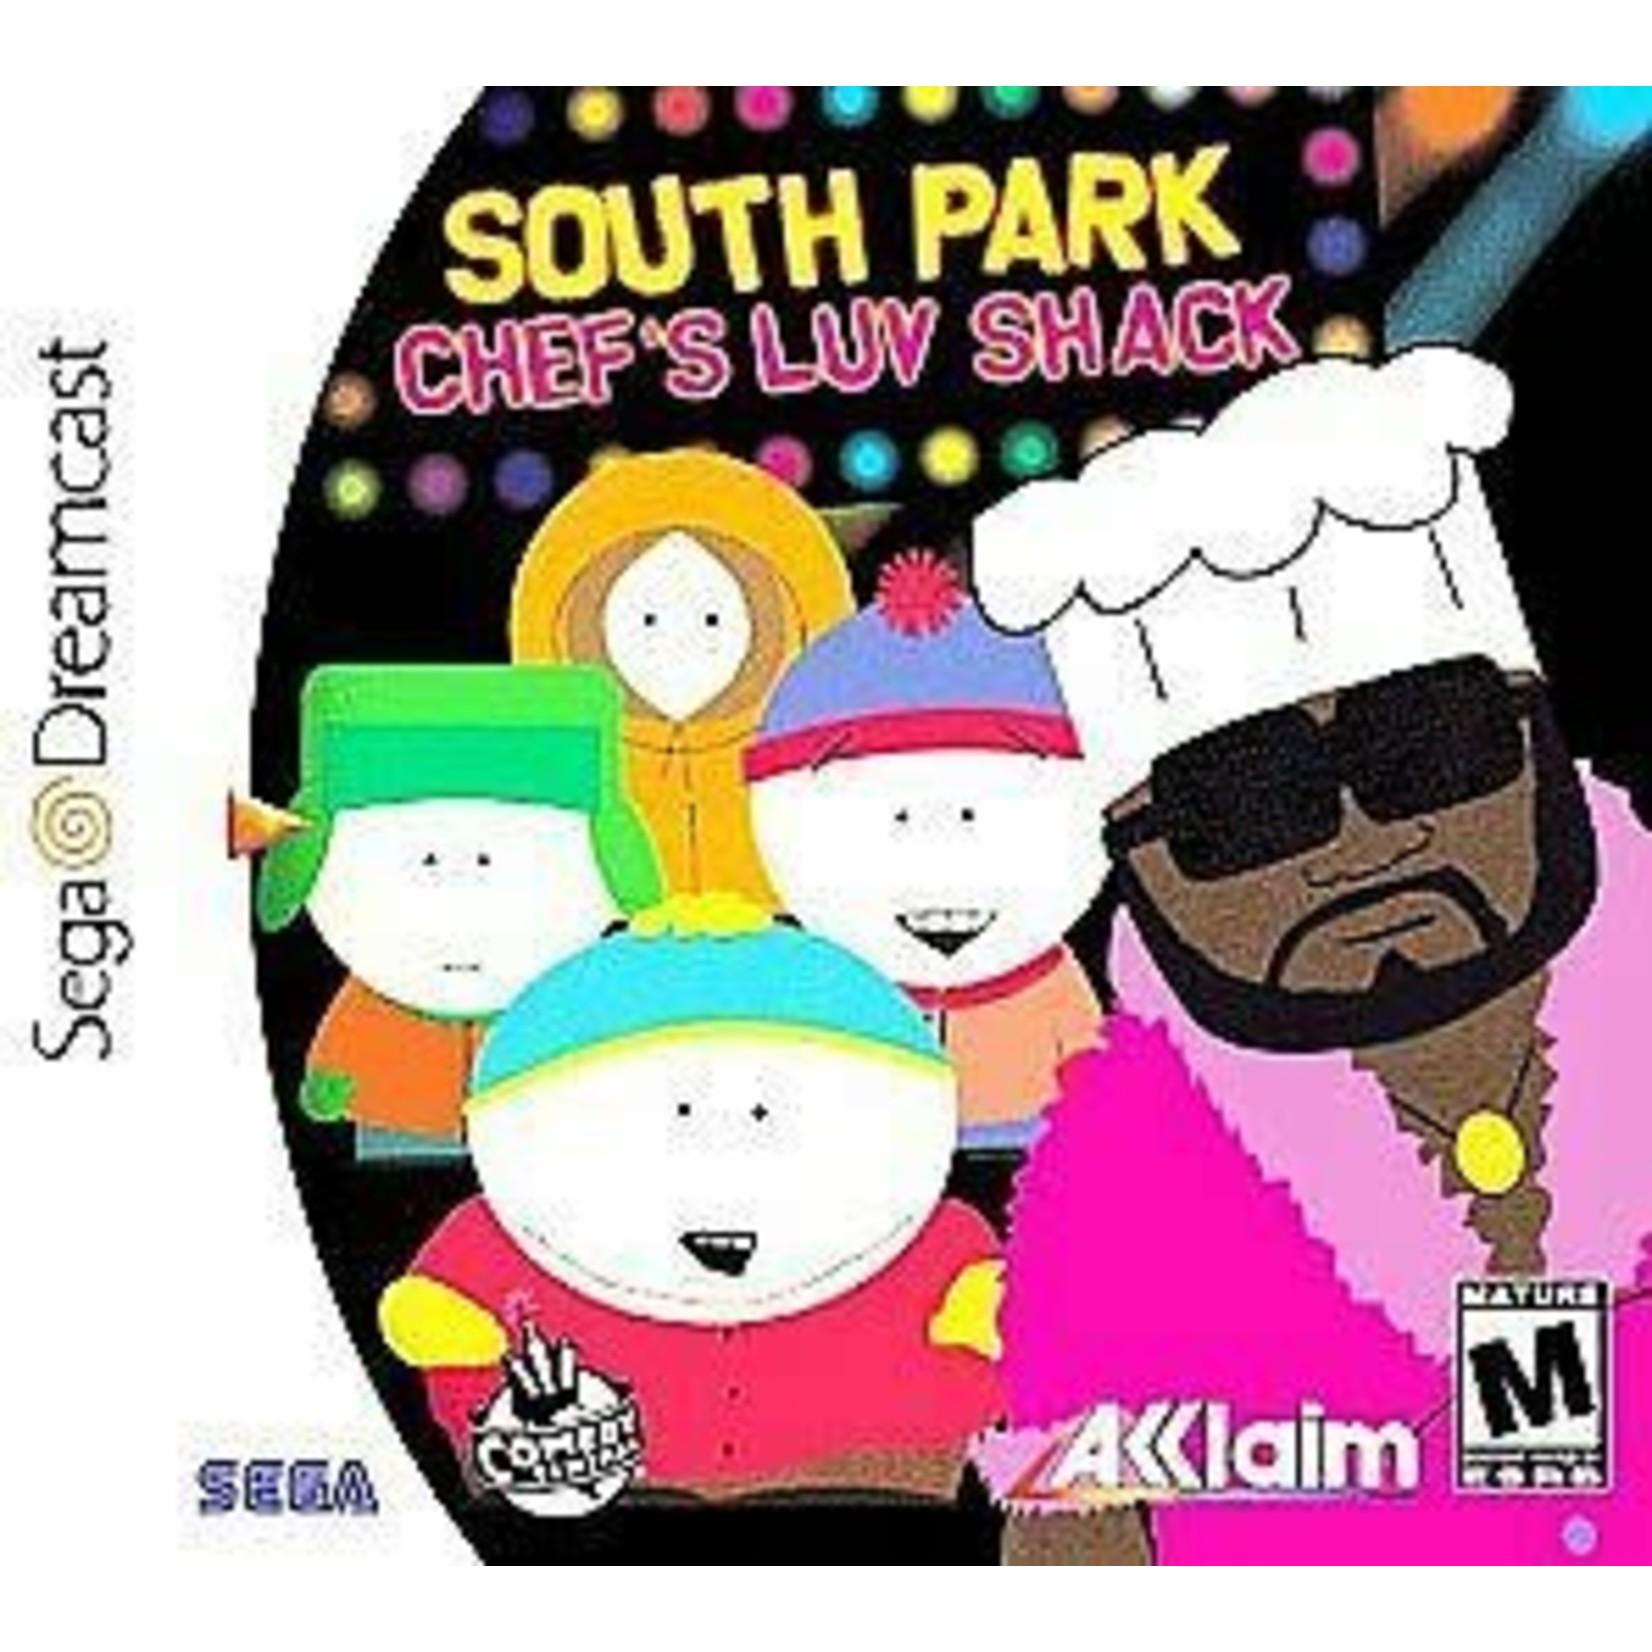 SDCU-South Park Chef's Luv Shack